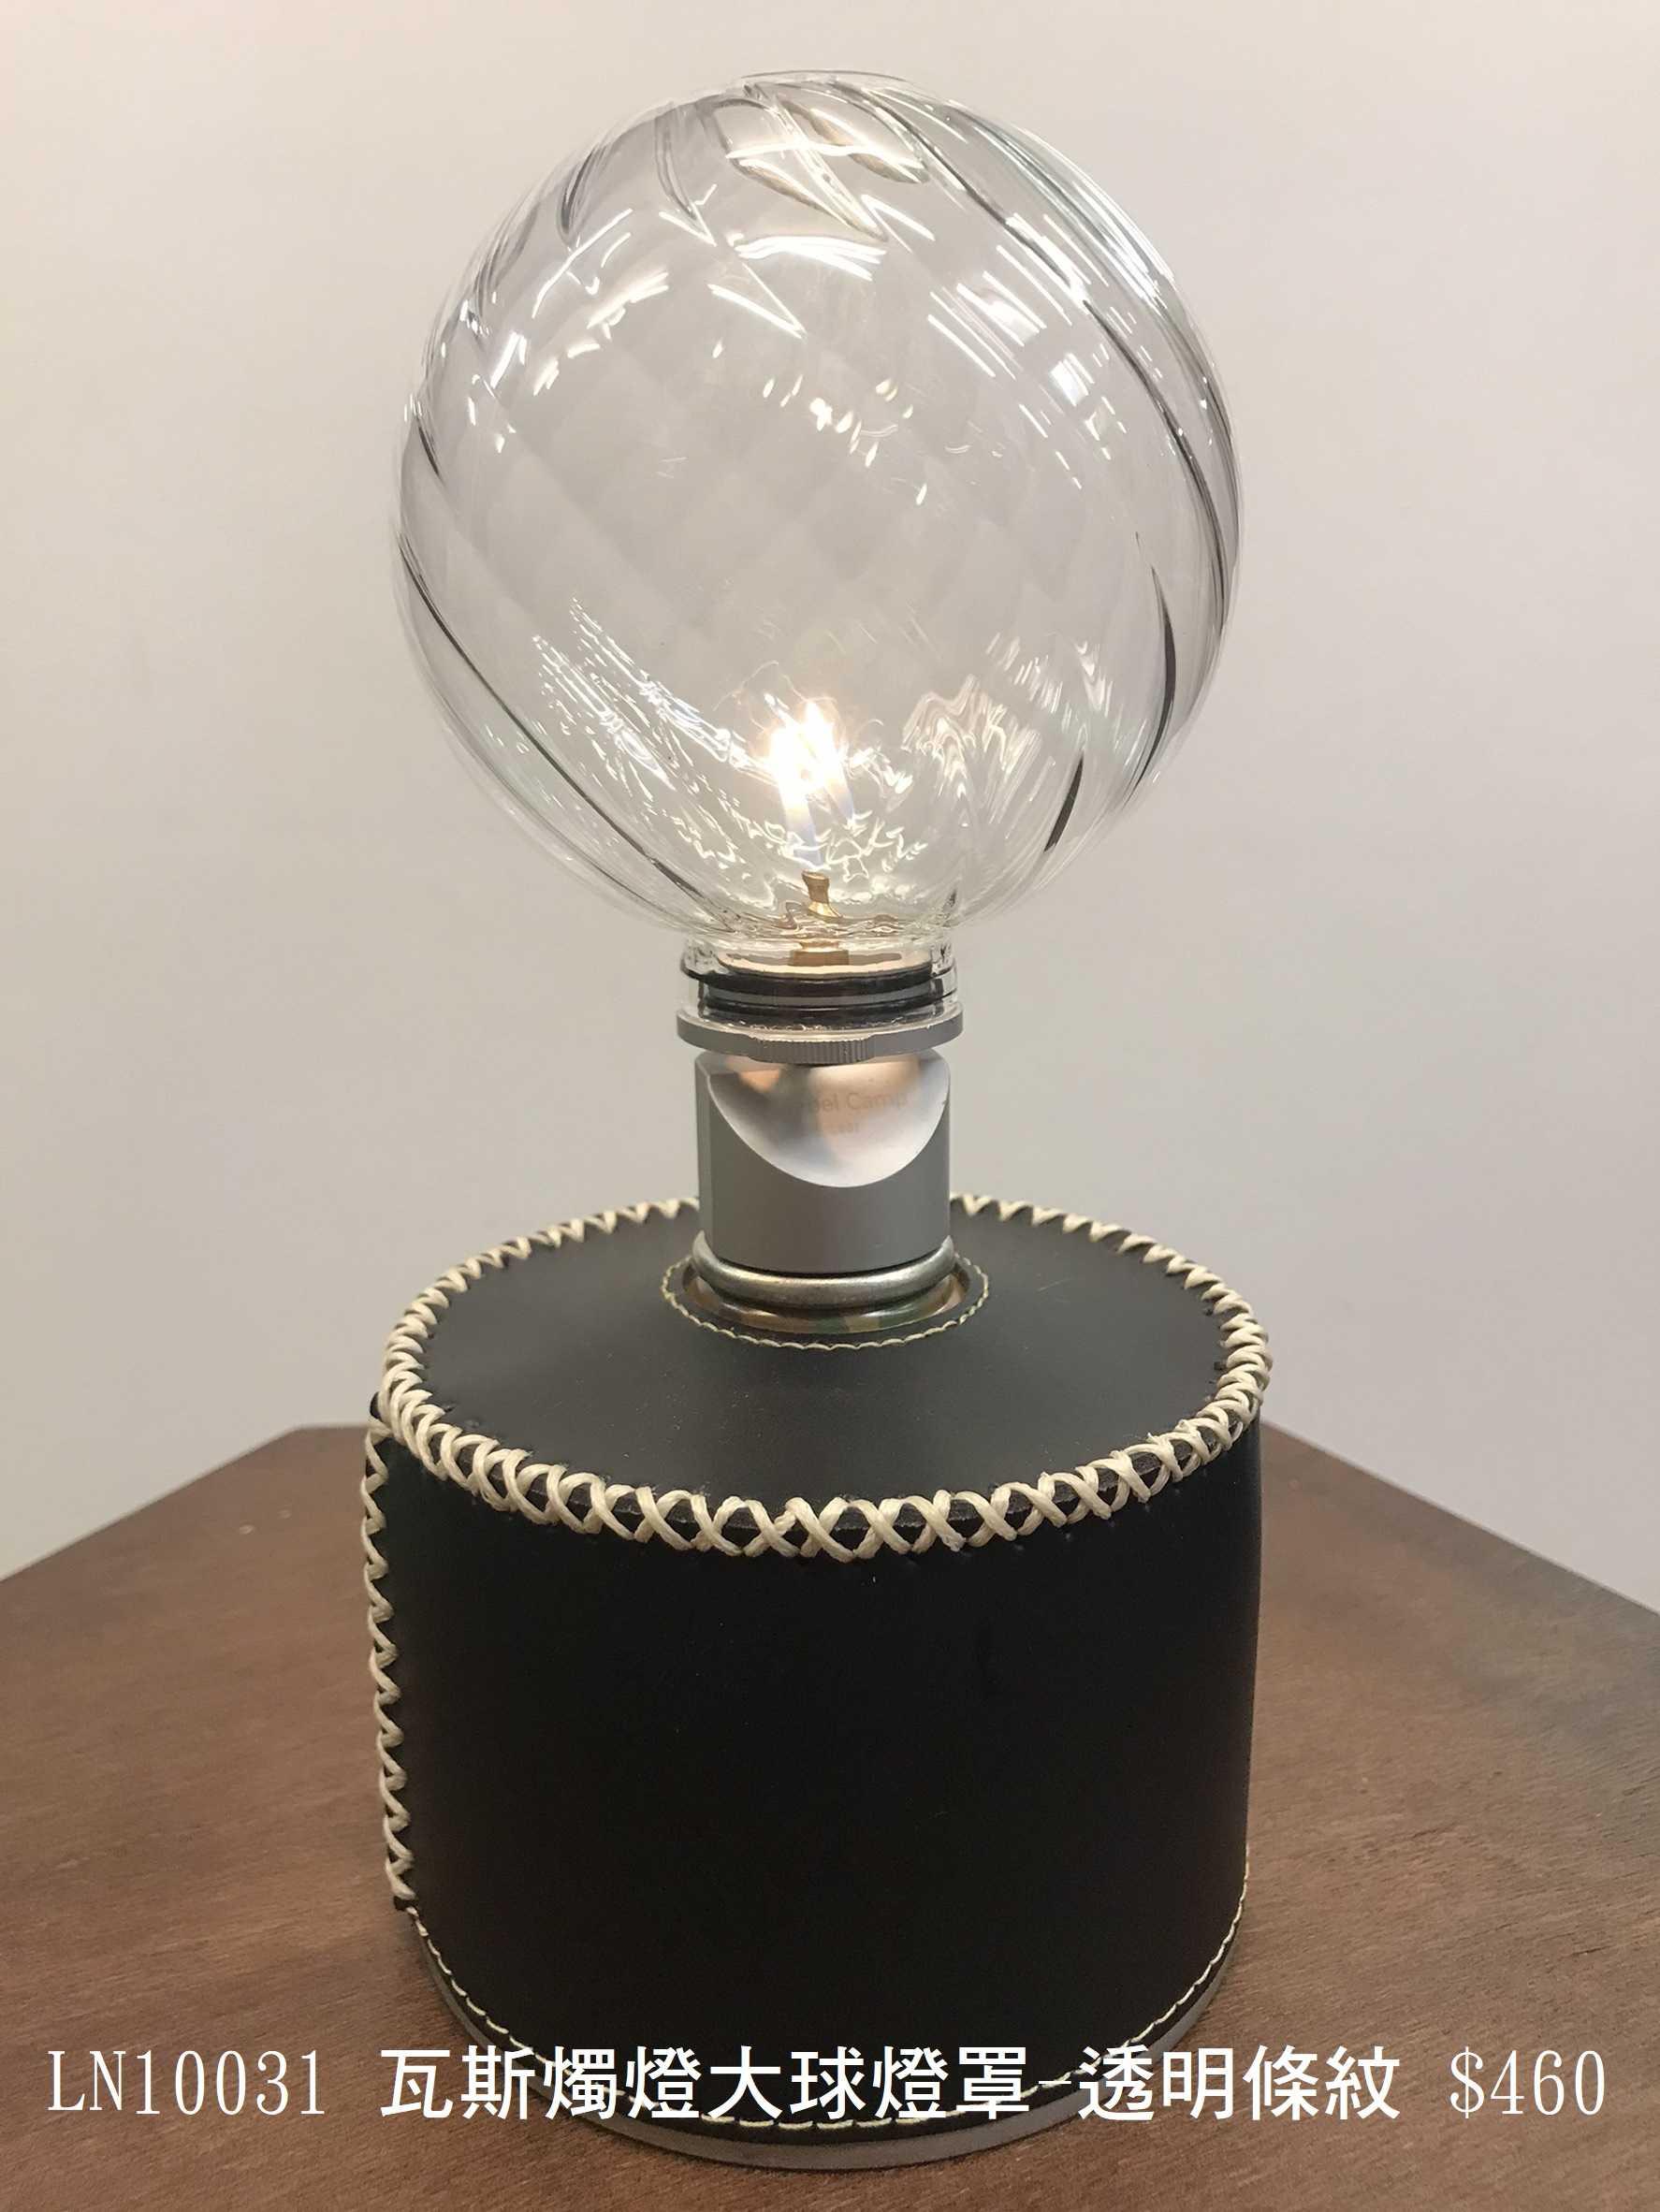 瓦斯燭燈玻璃燈罩-大球透明條紋燈罩【露戰隊】